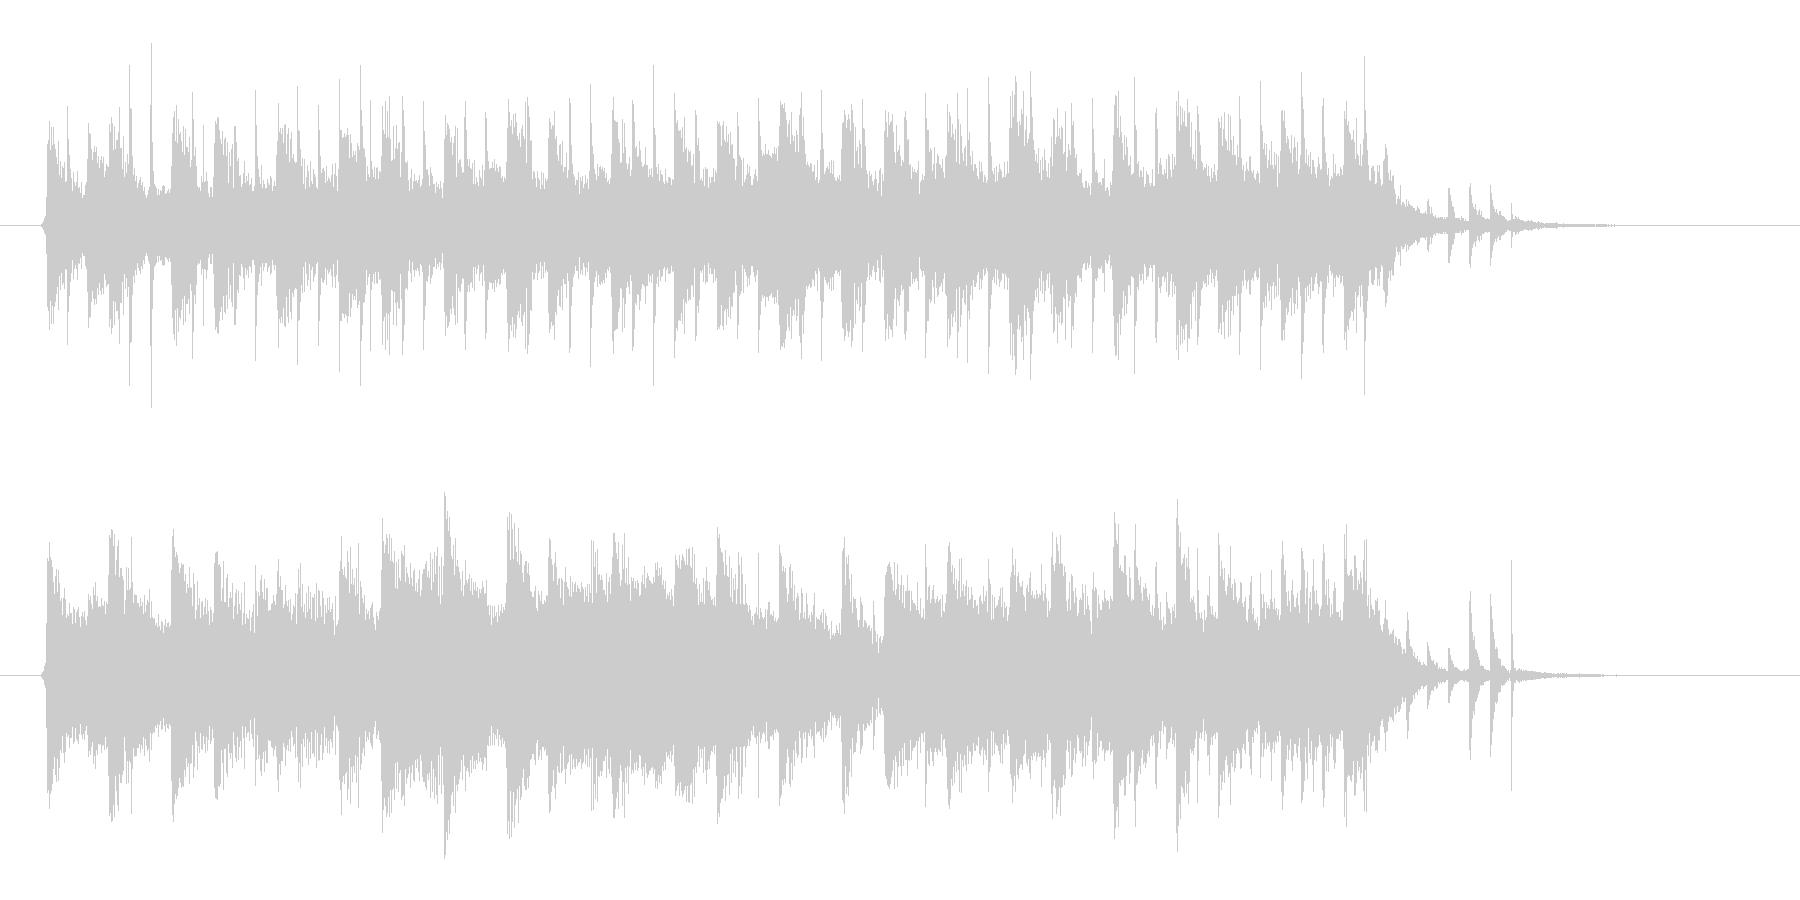 クールなシンセのテクノポップスのジングルの未再生の波形